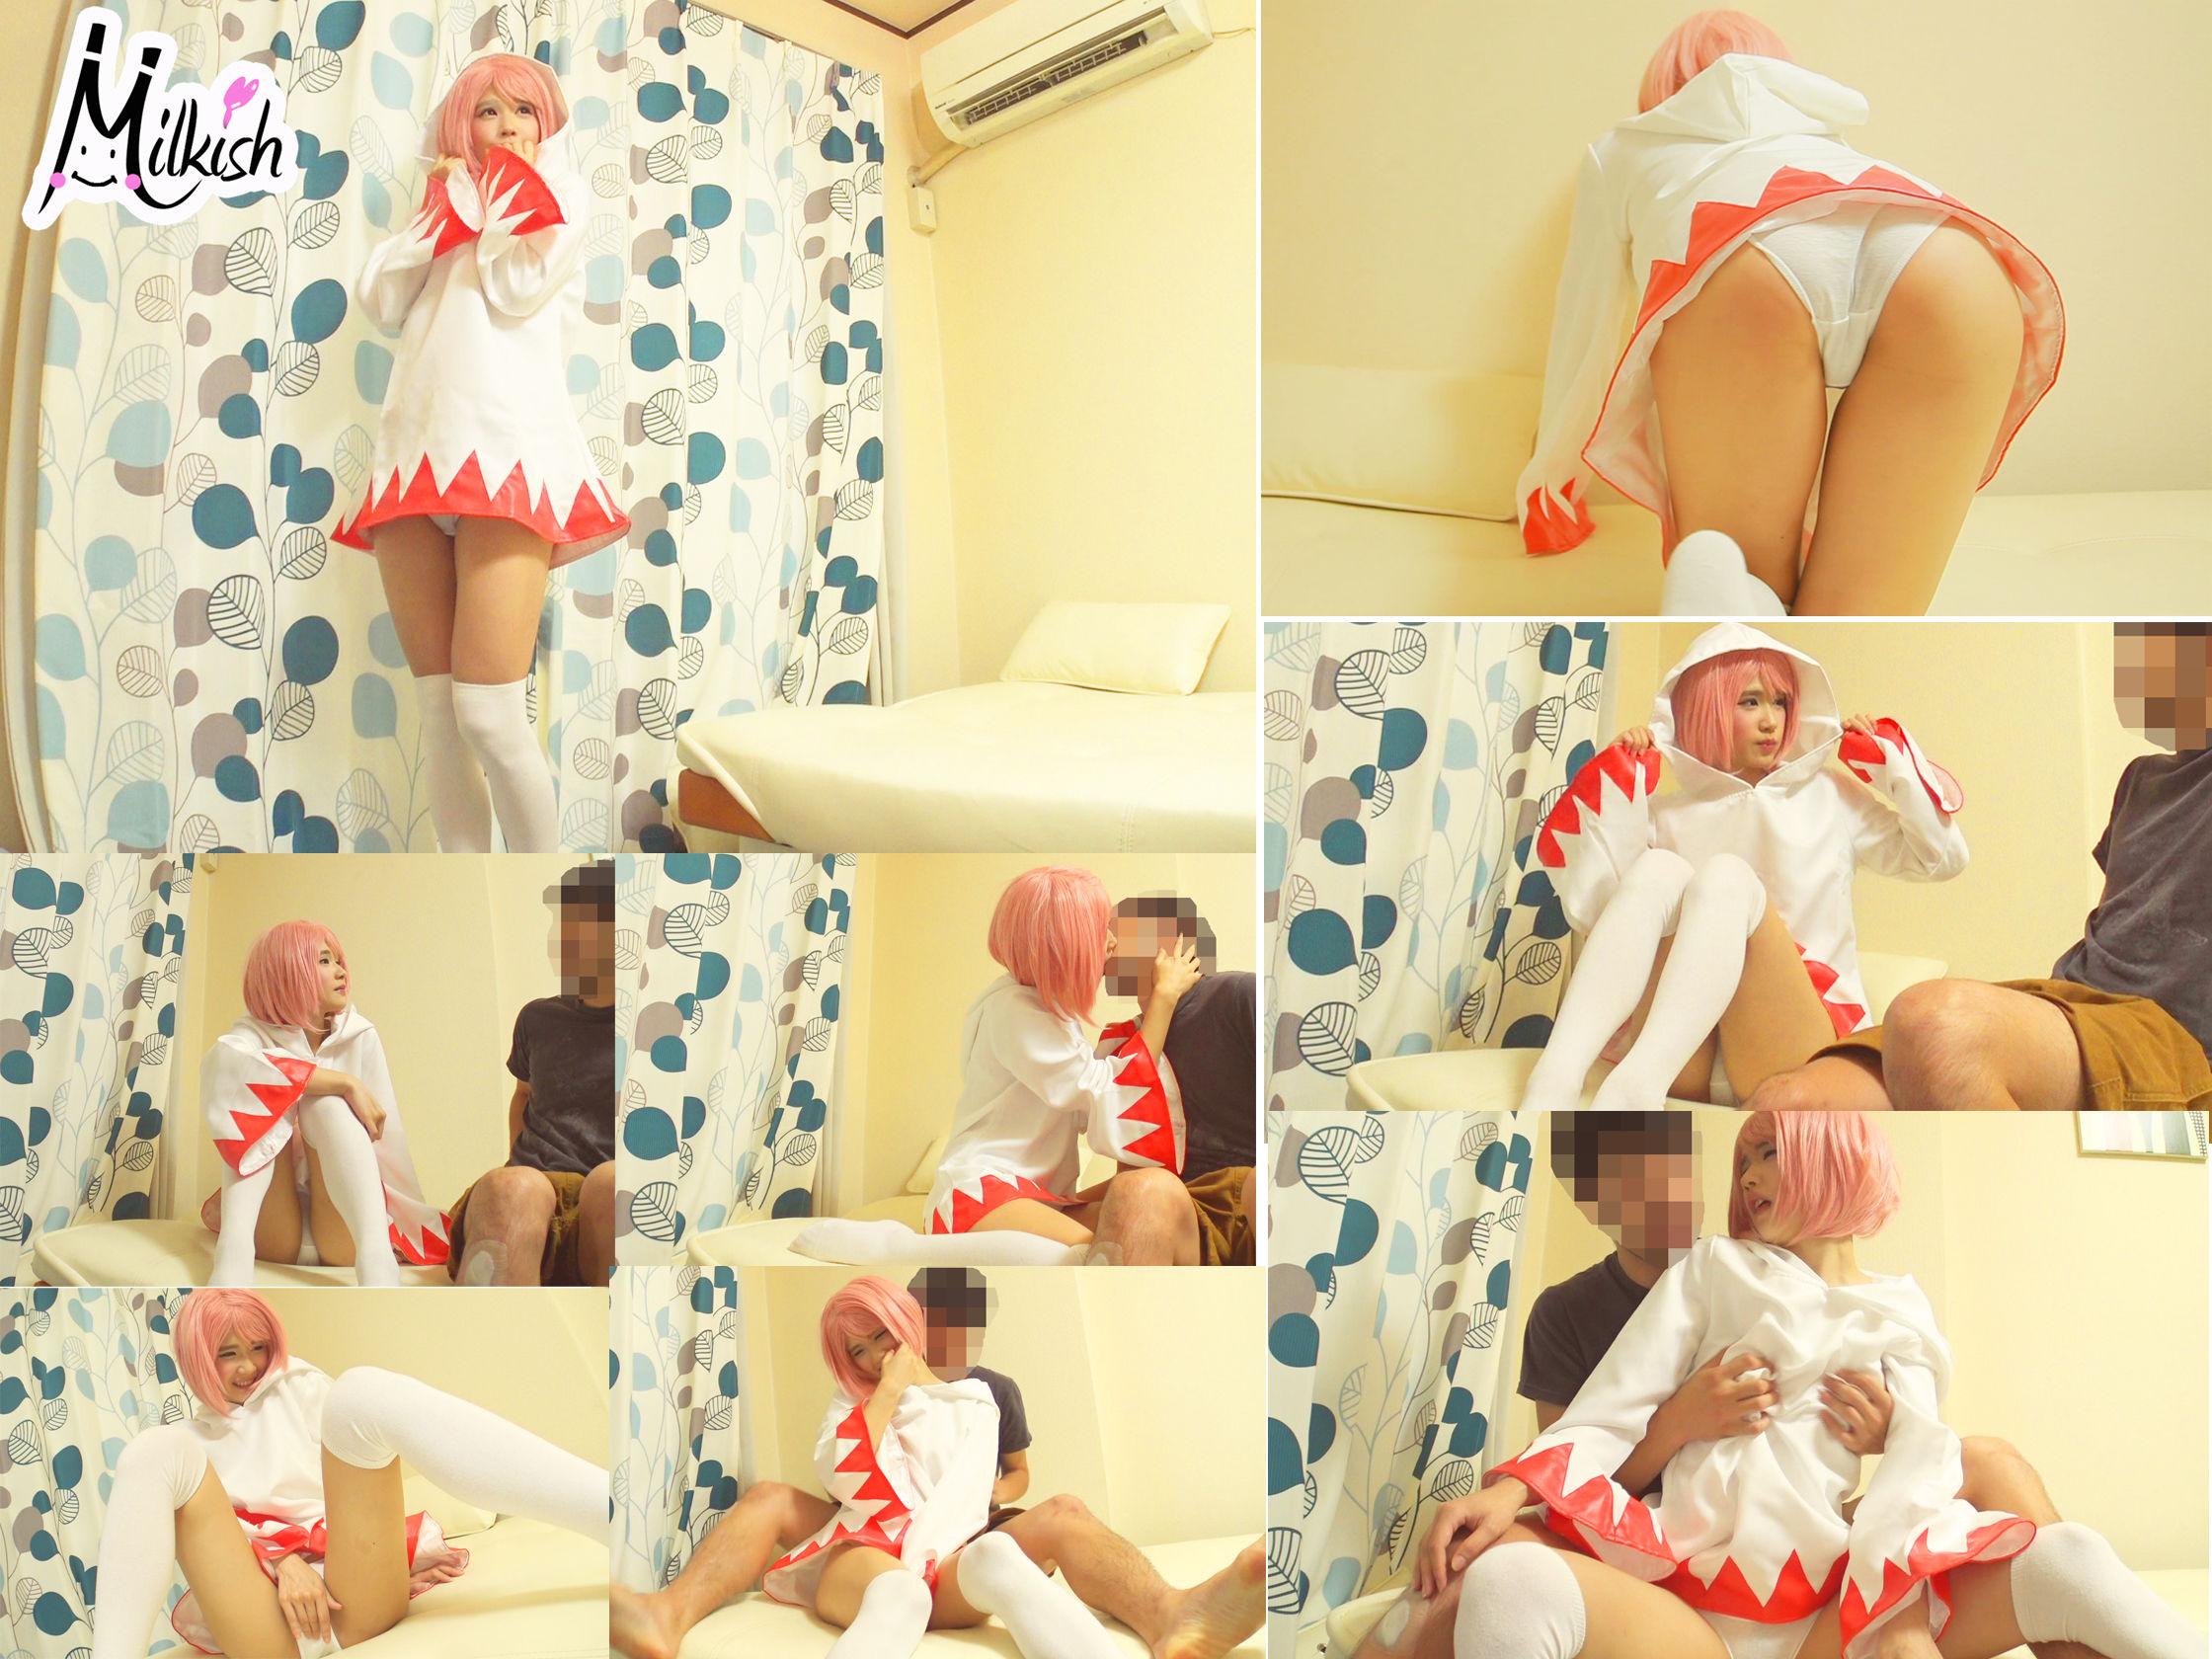 関西弁のマジ可愛いレイヤーことねちゃんと再びコスプレセックス F○? 白魔○士 ○ナでラブラブガチ絶頂SEX ことねちゃん画像no.1